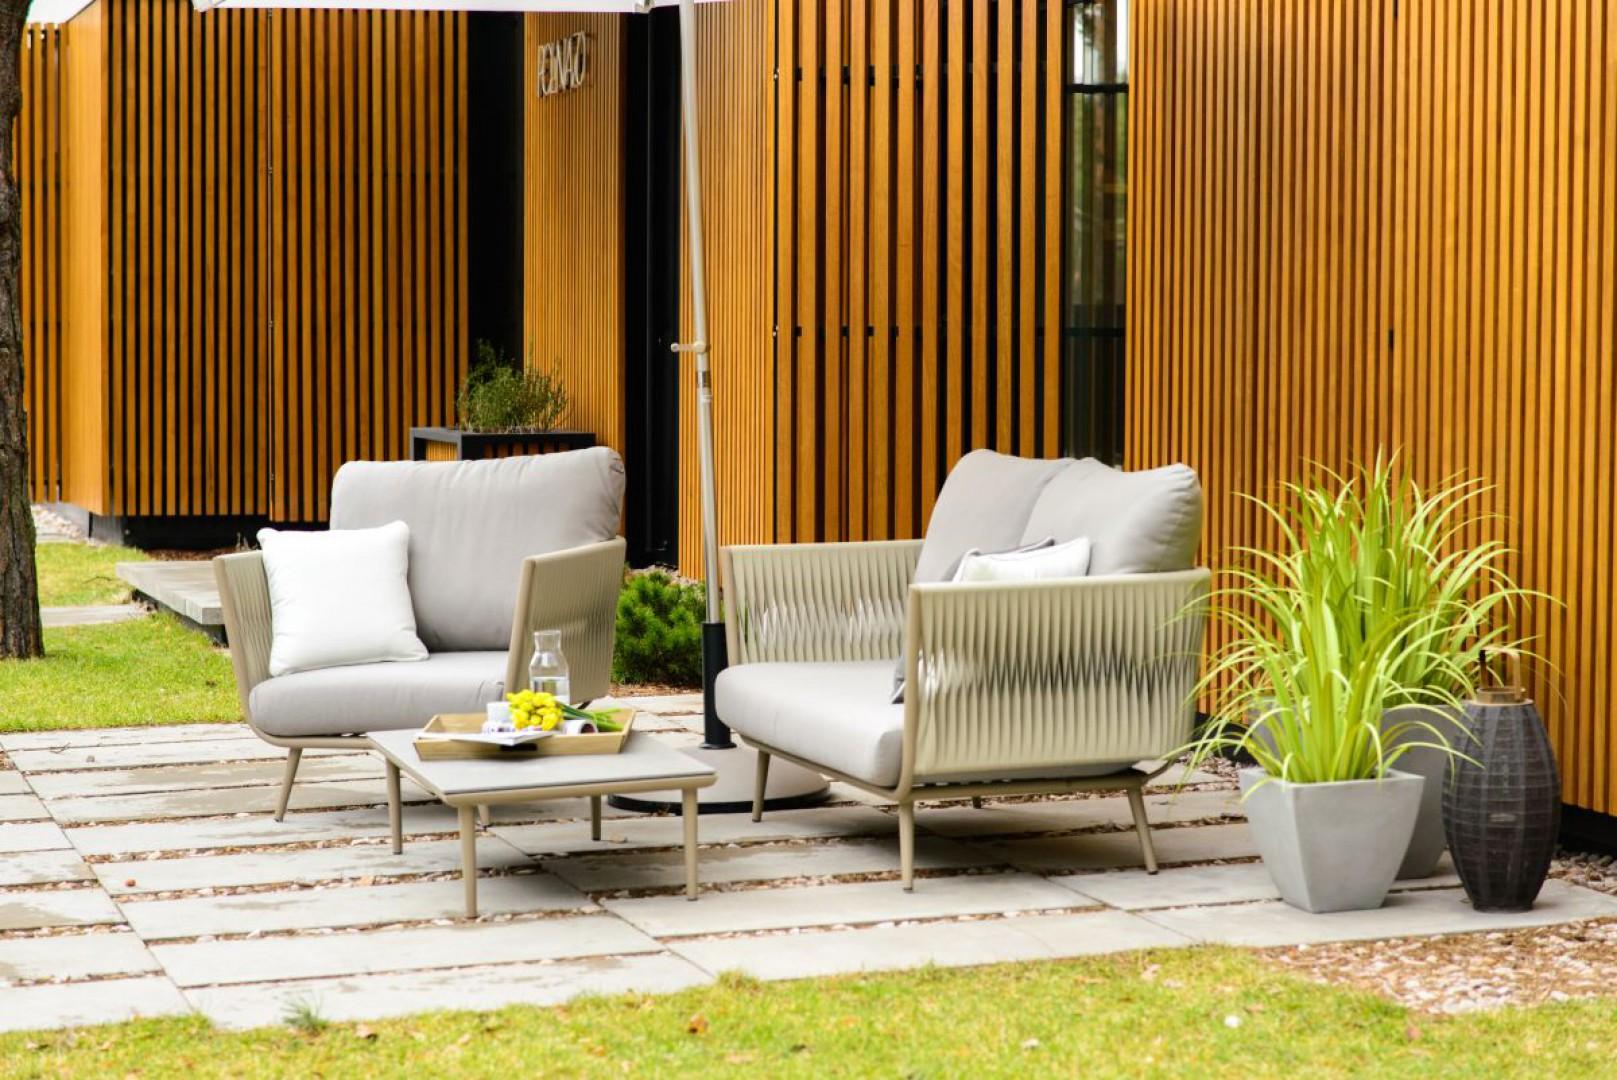 Kolekcja mebli ogrodowych Aja firmy Miloo. Fot. Miloo